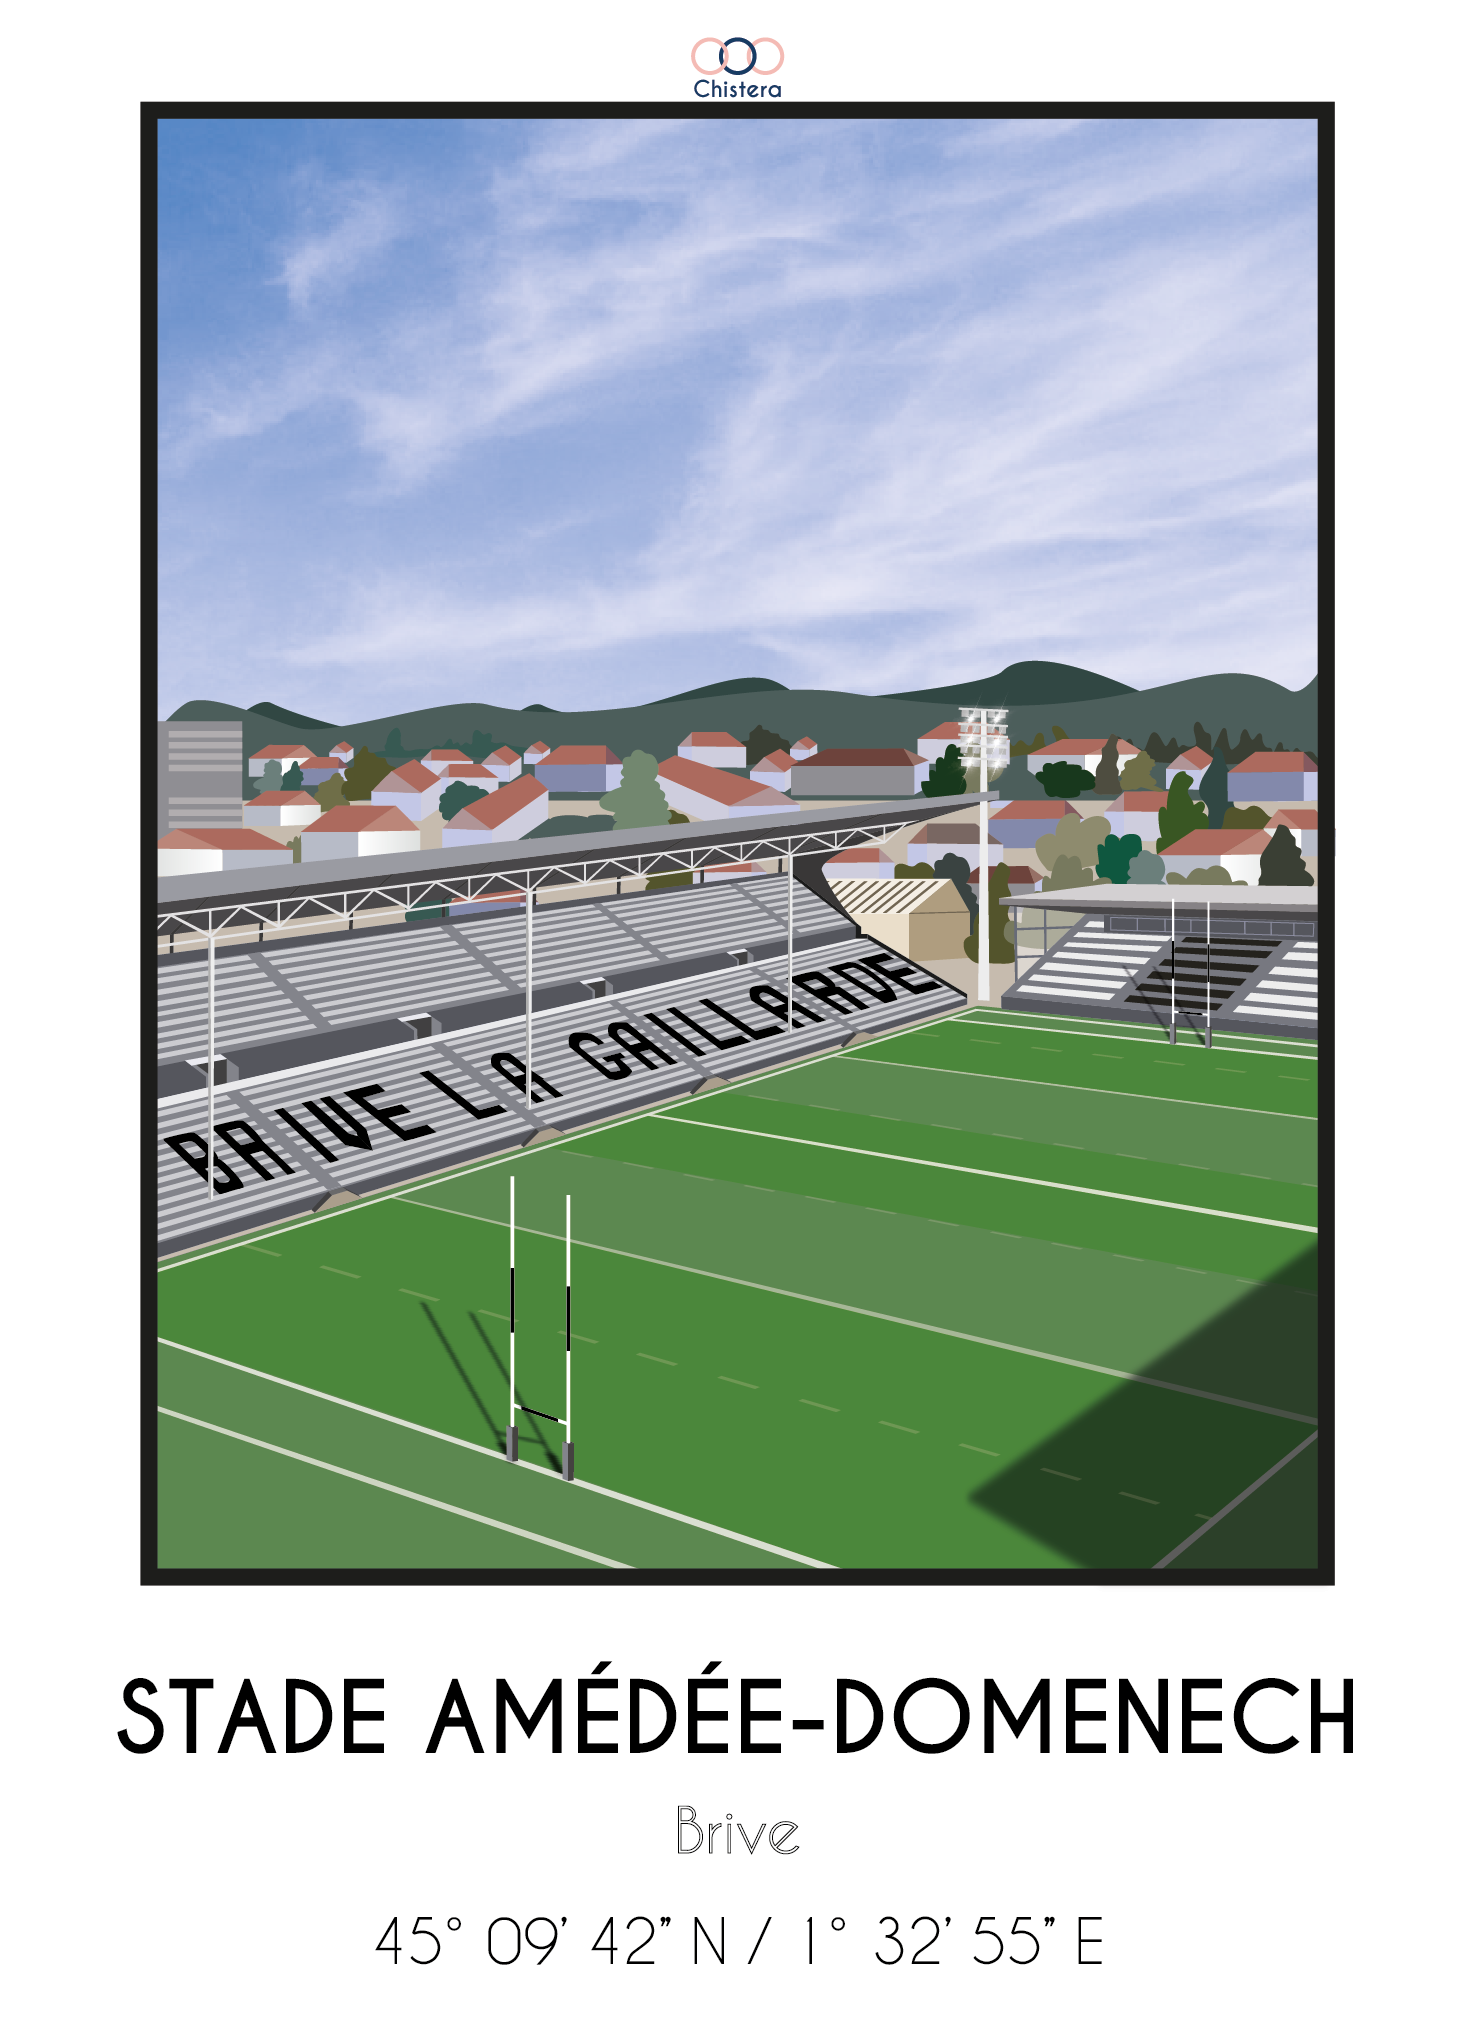 brive amédée domenech chistera (2)